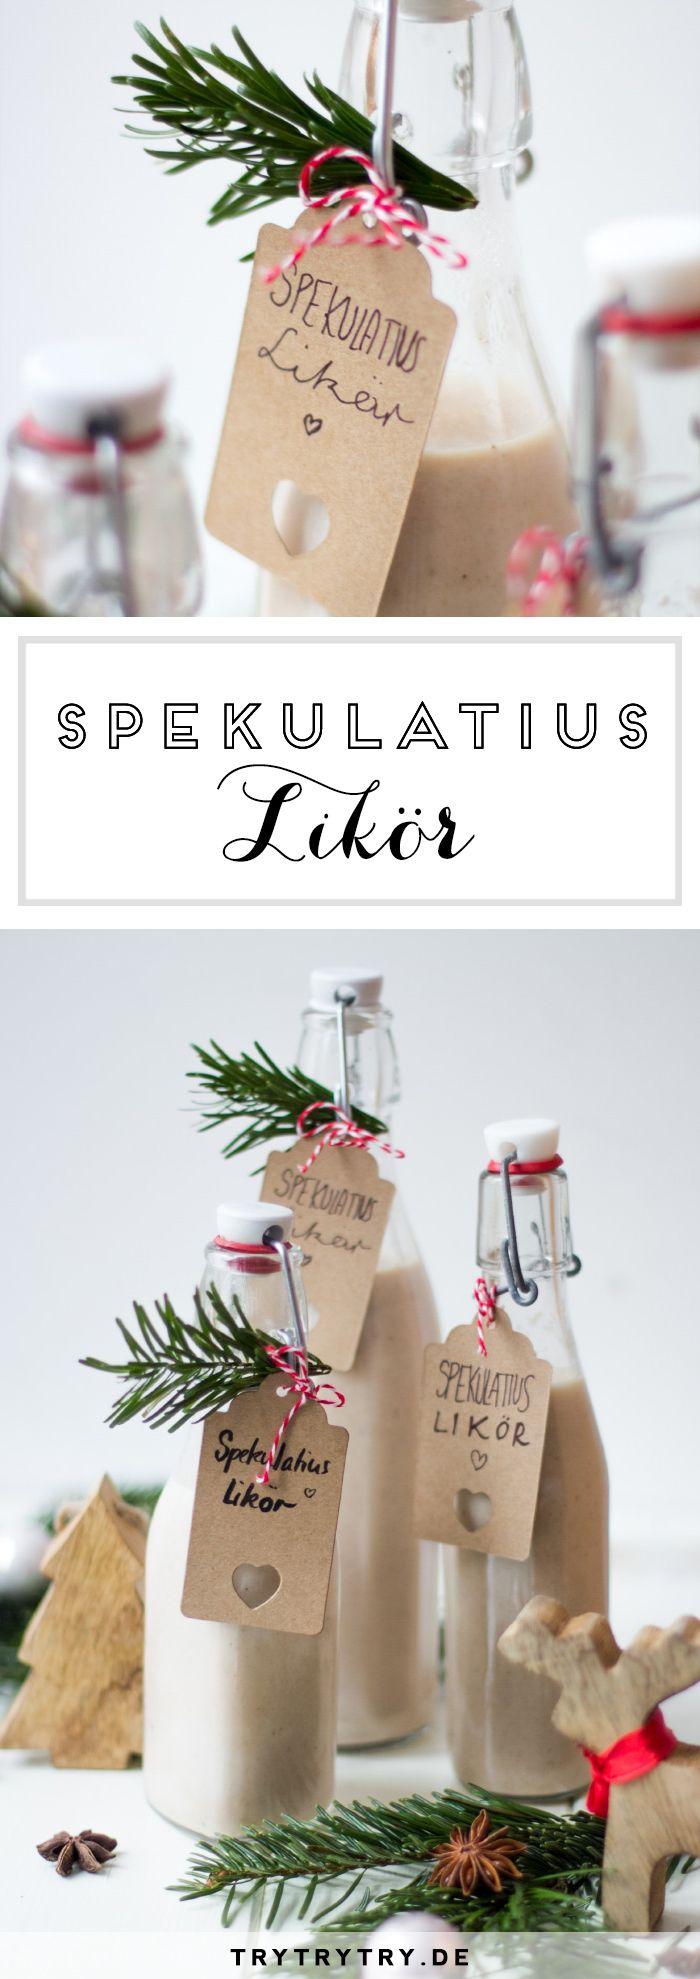 Ein köstliches Weihnachtsgeschenk: Spekulatius Likör